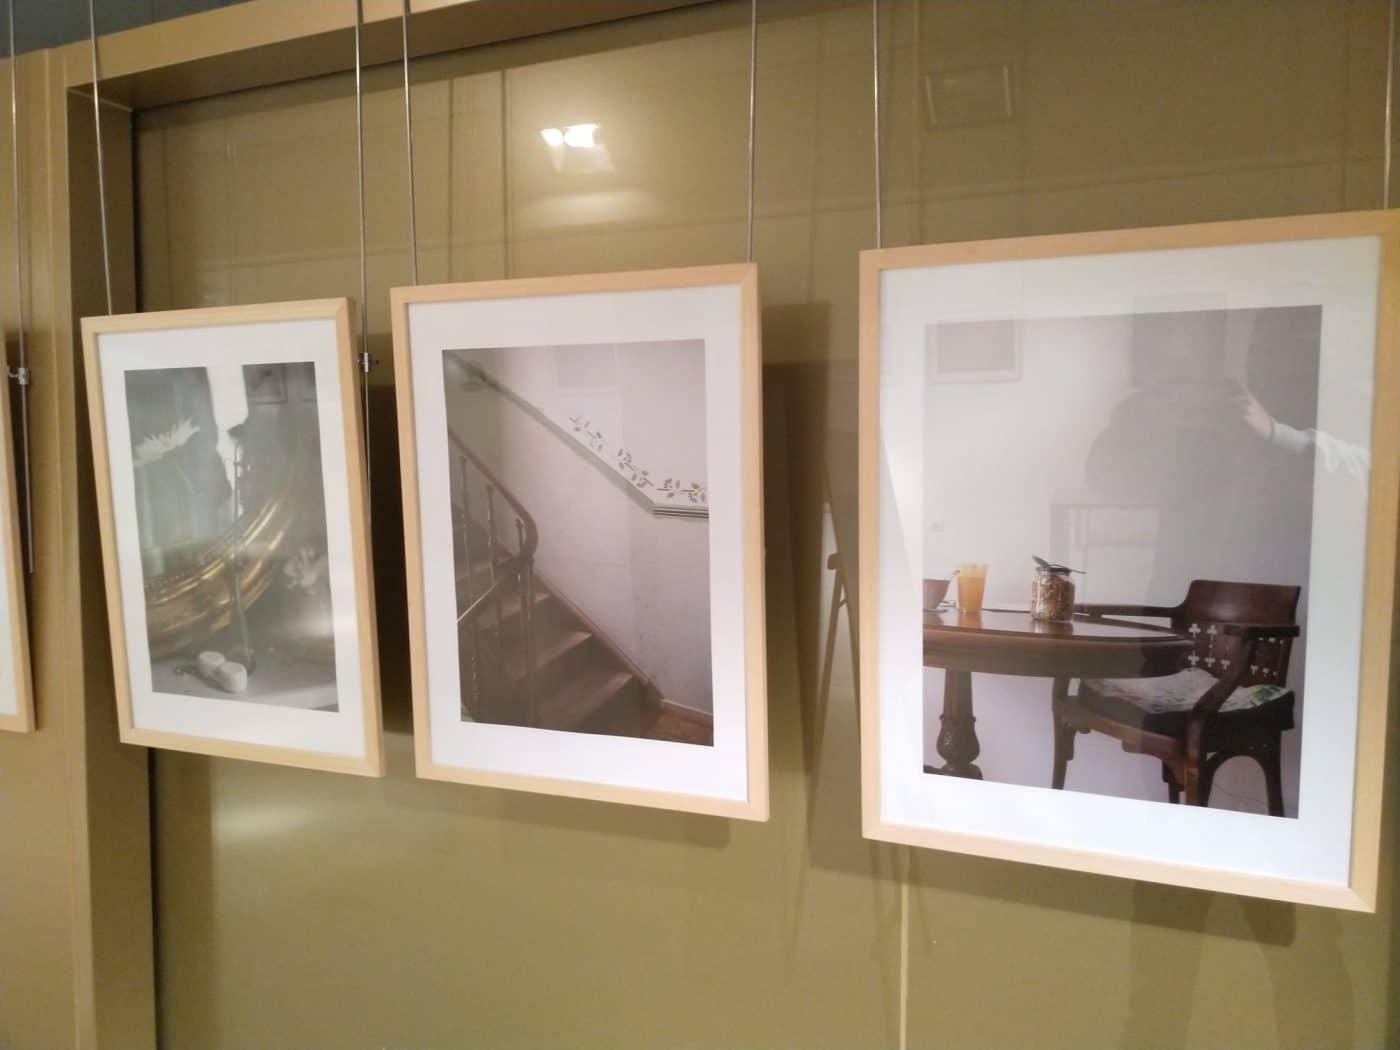 La exposición fotográfica 'Poéticas' ya se puede visitar en Santo Domingo 1